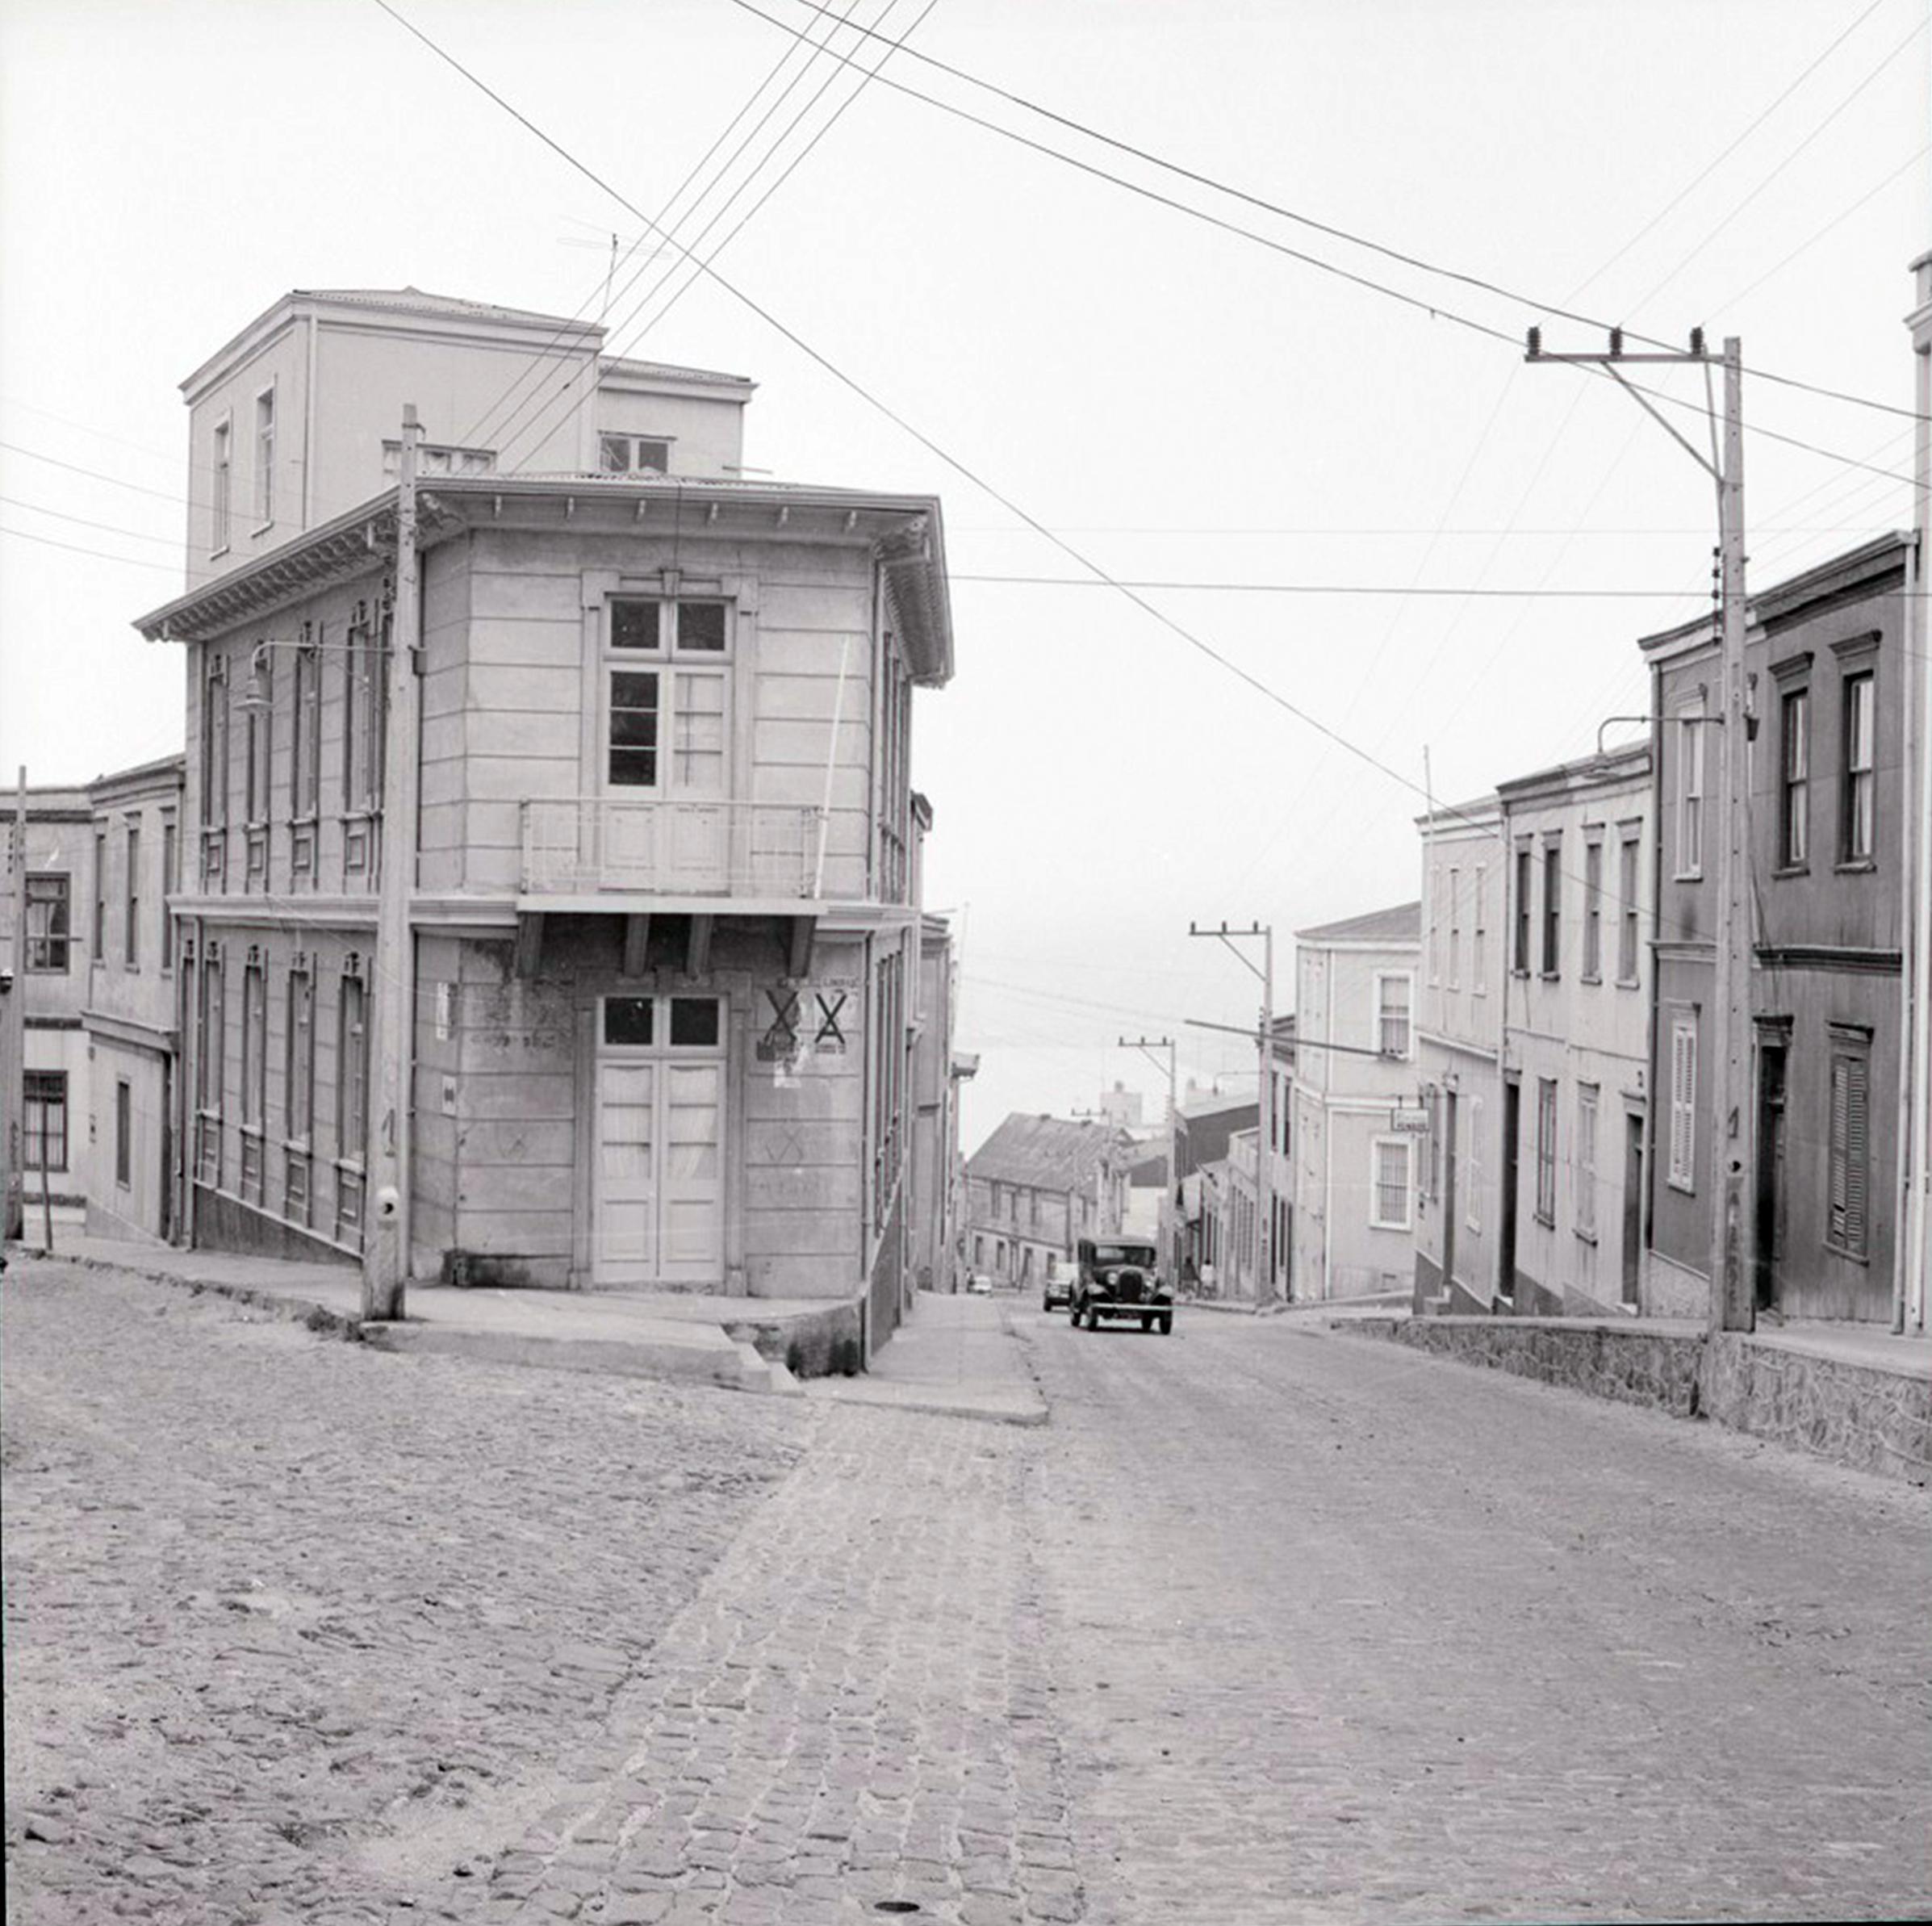 Enterreno - Fotos históricas de chile - fotos antiguas de Chile - Cerro Alegre de Valparaíso, 1969